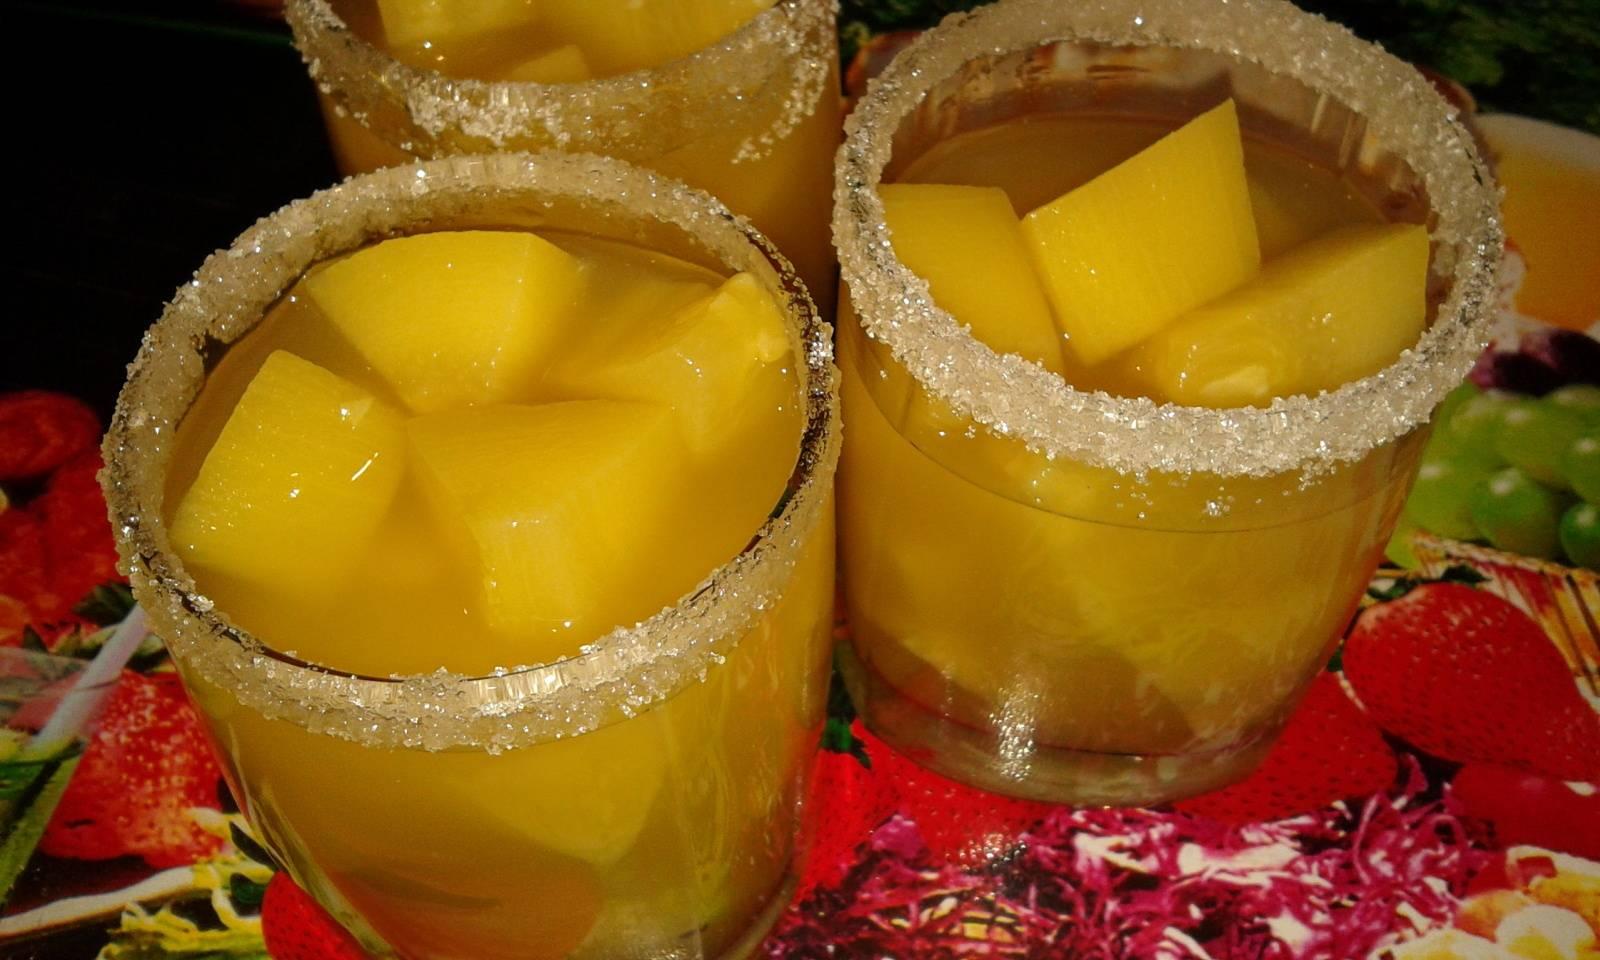 Пошаговый рецепт компота из кабачков на зиму по вкусу как ананас